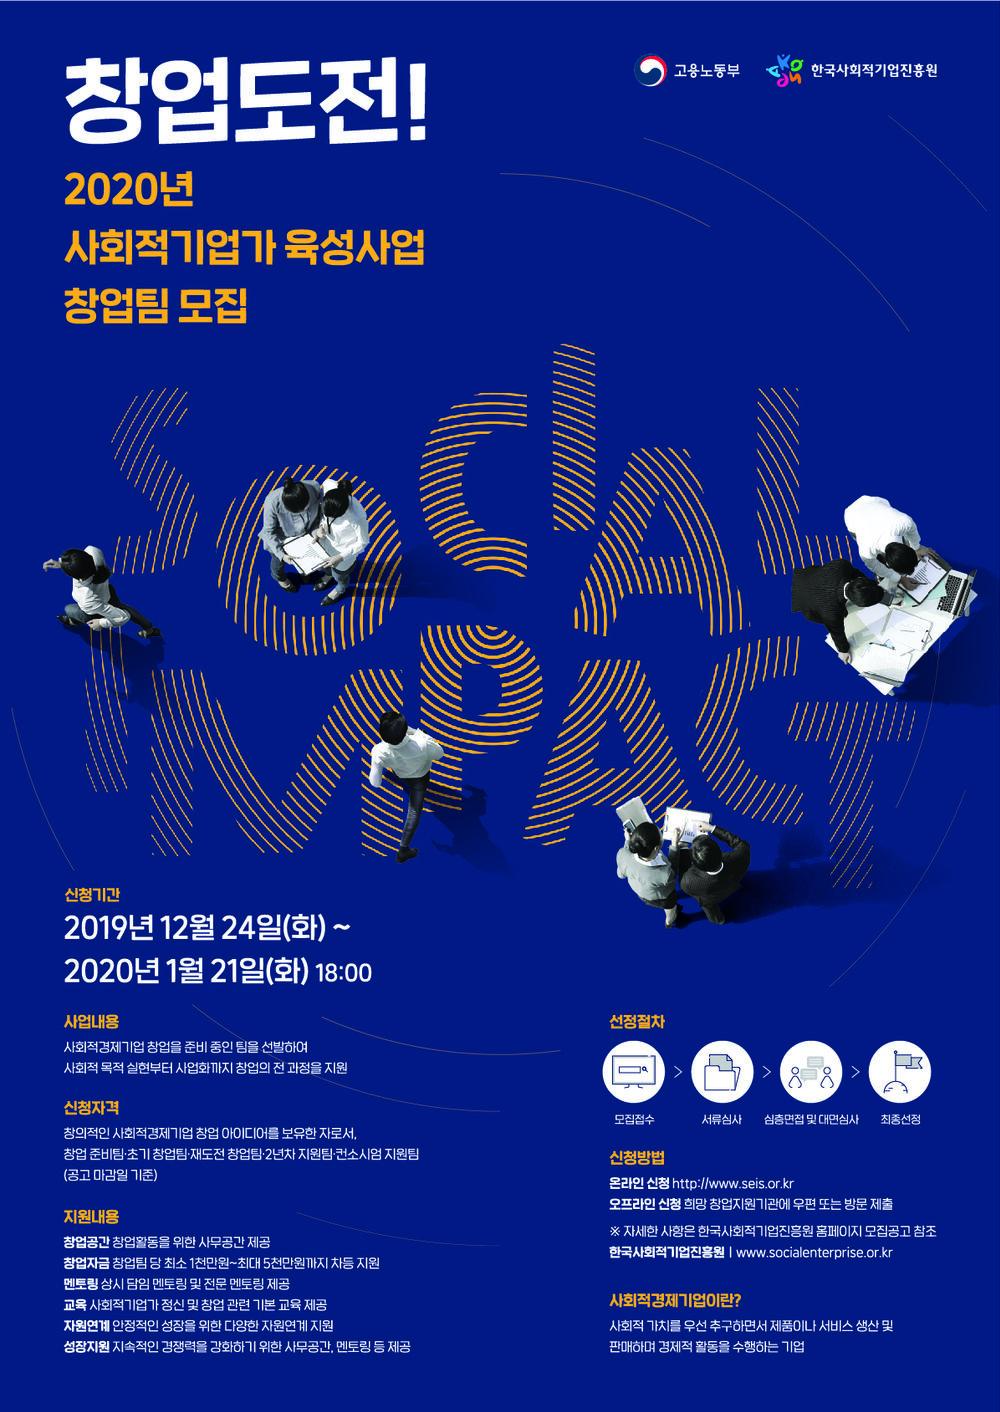 (붙임3)2020년 사회적기업가 육성사업 모집 포스터.jpg